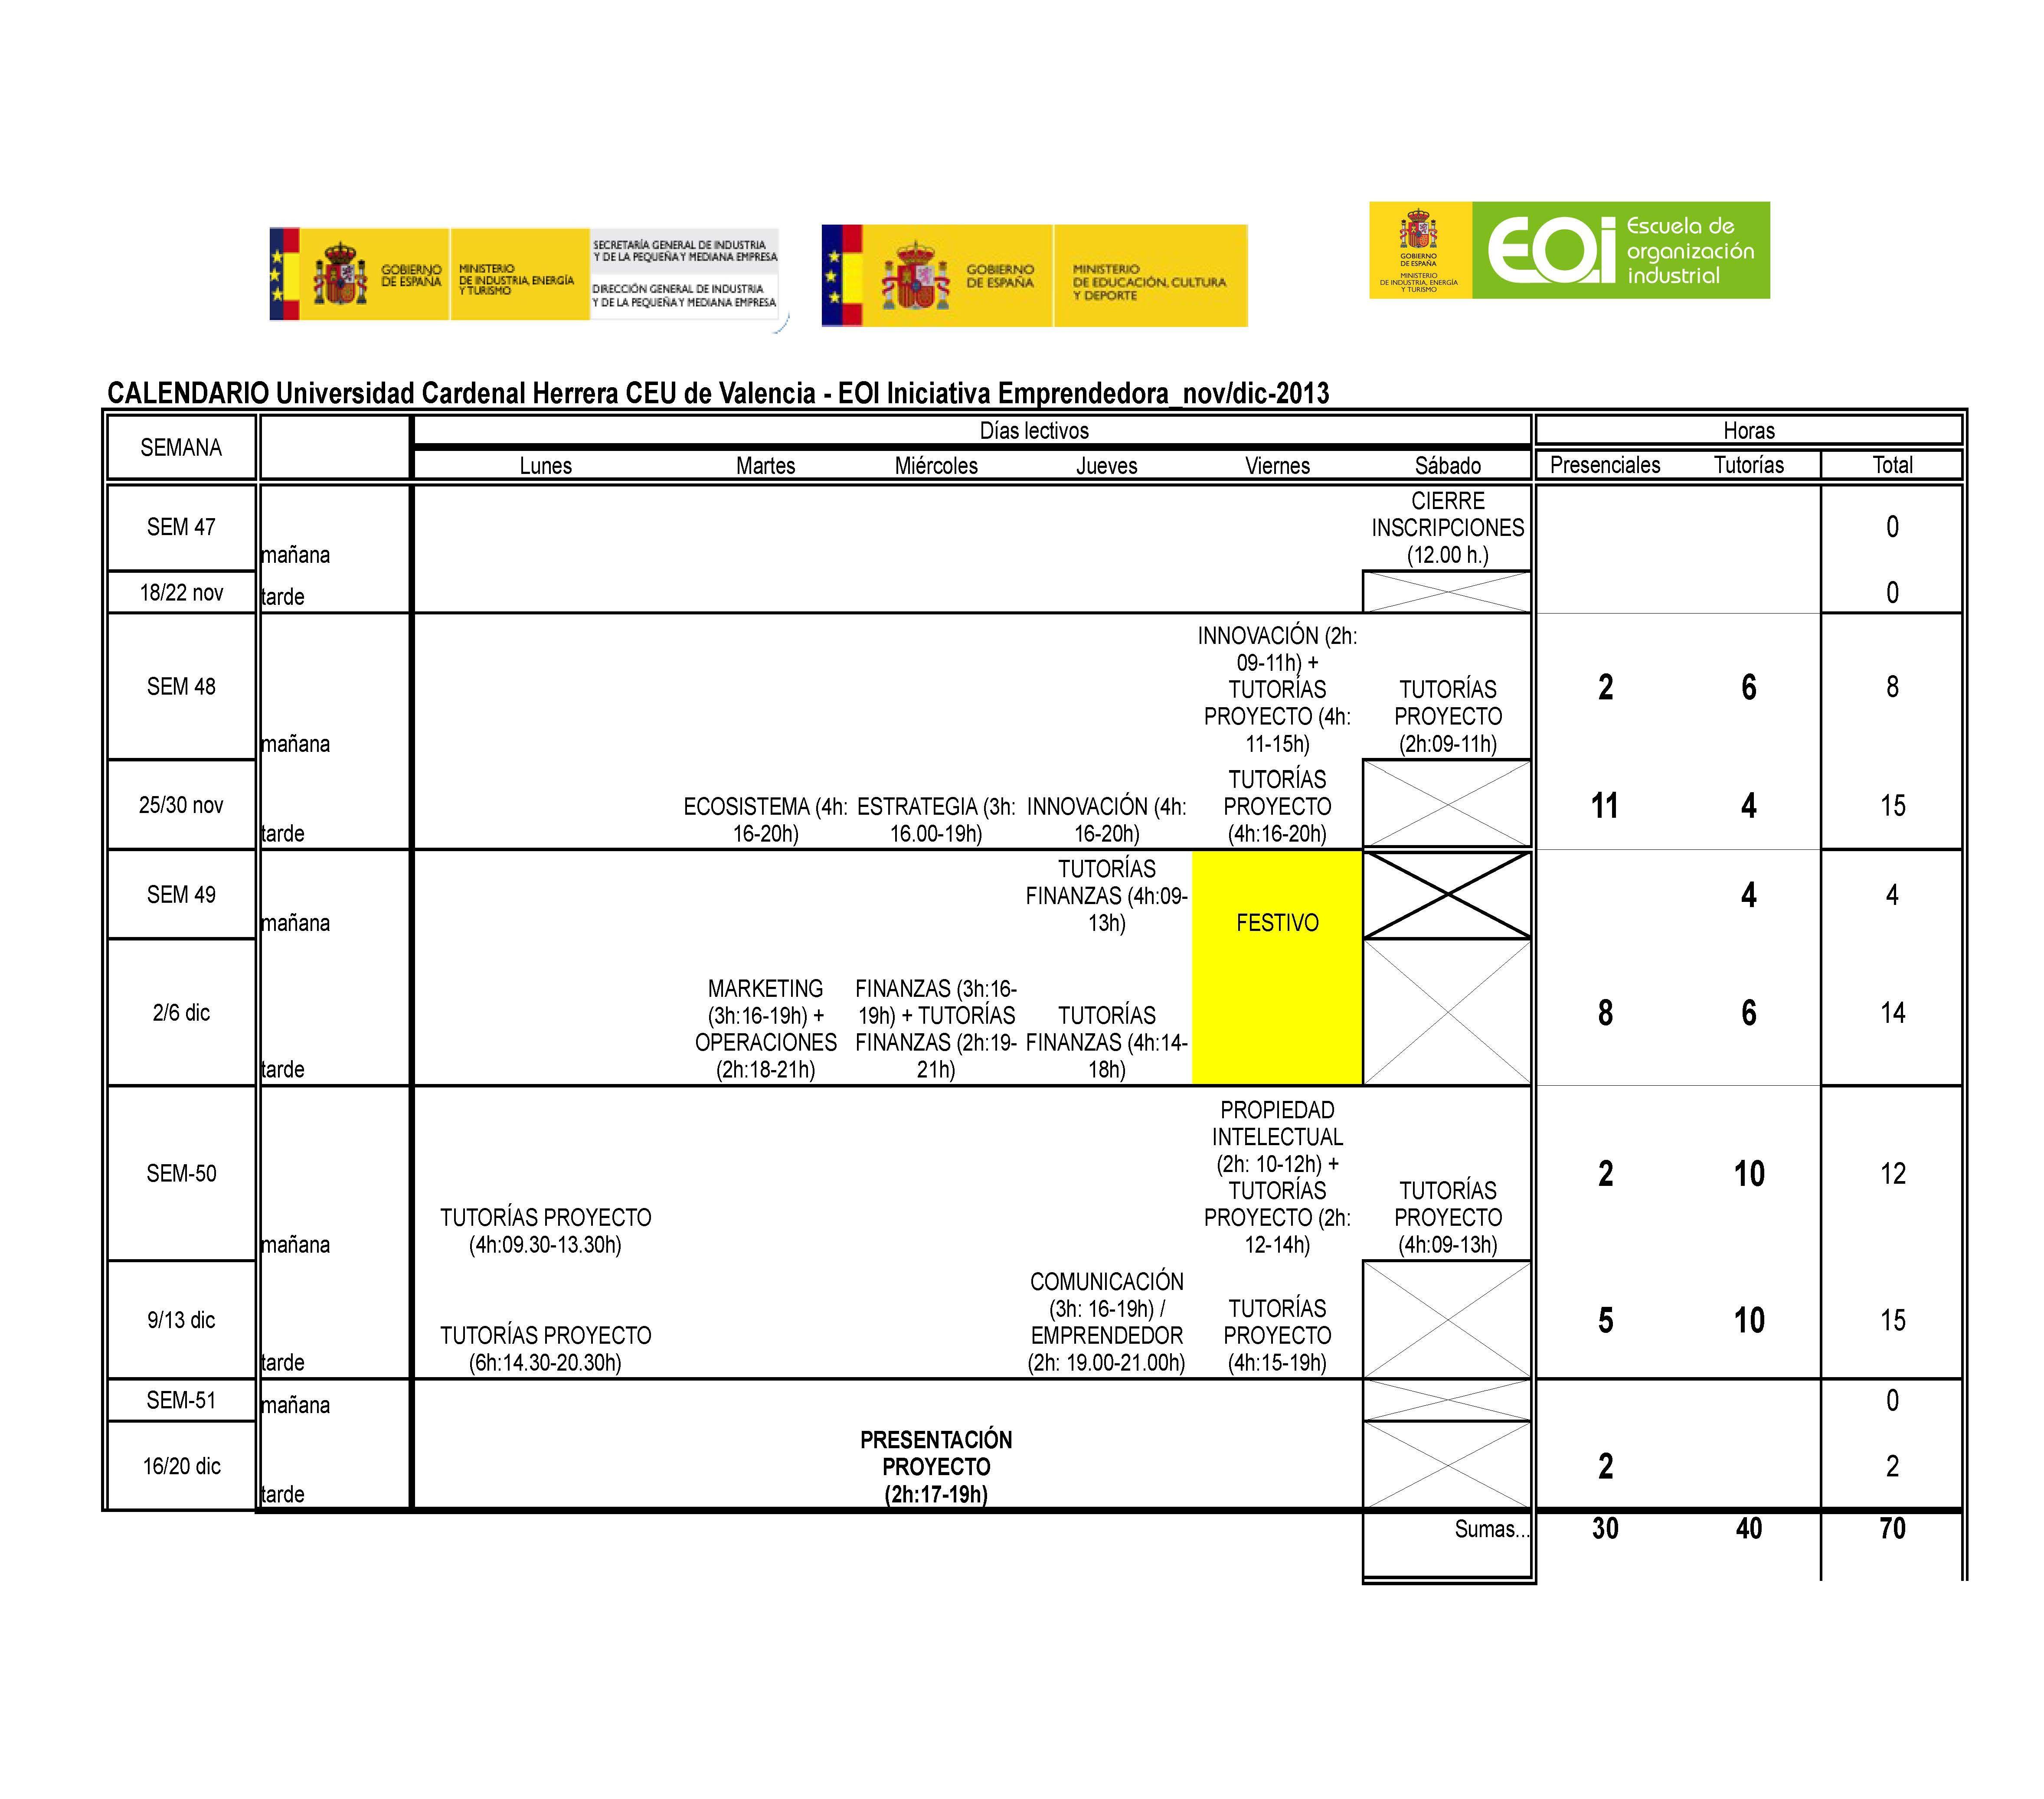 CALENDARIO UCH-CEU - EOI Emprendedor Universitario 2_novdic-2013 (2)